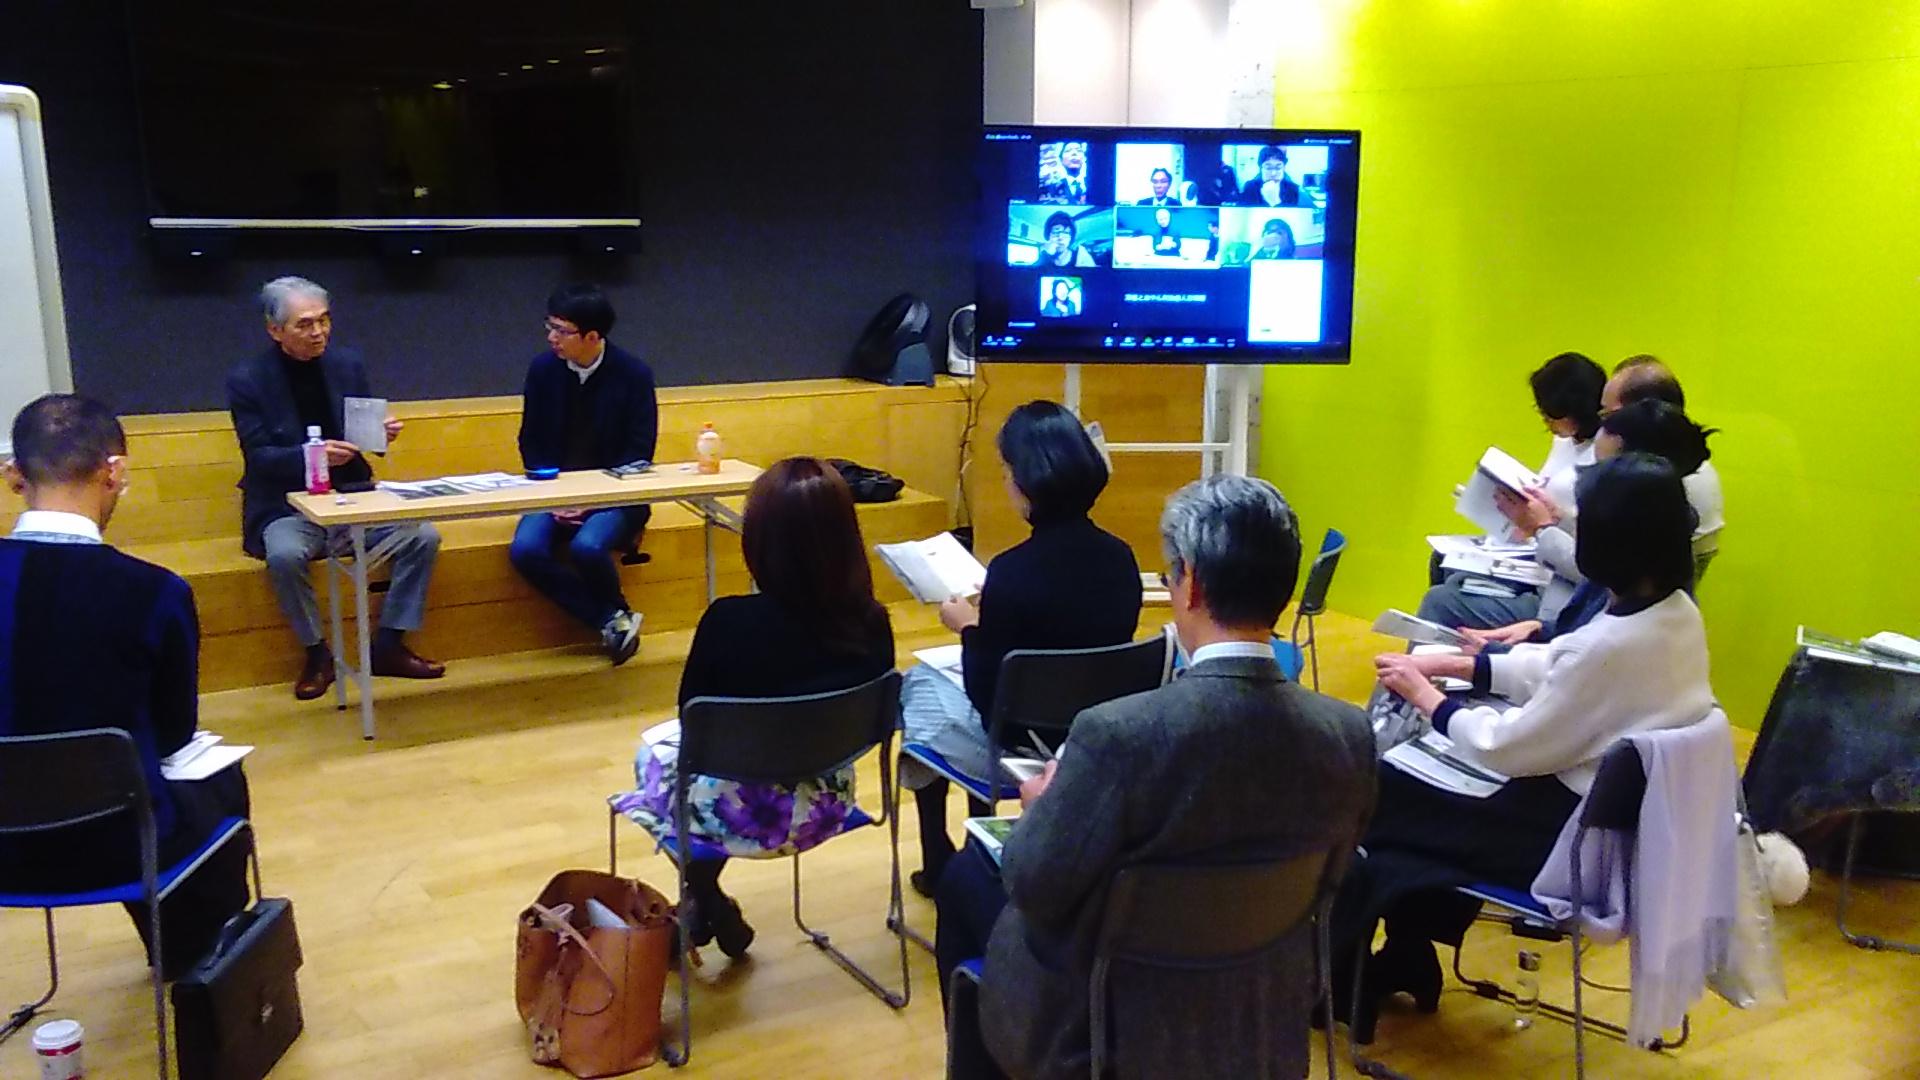 KIMG1459 - 100年続く美しい会社プロジェクト 飛騨産業株式会社 岡田社長の講演